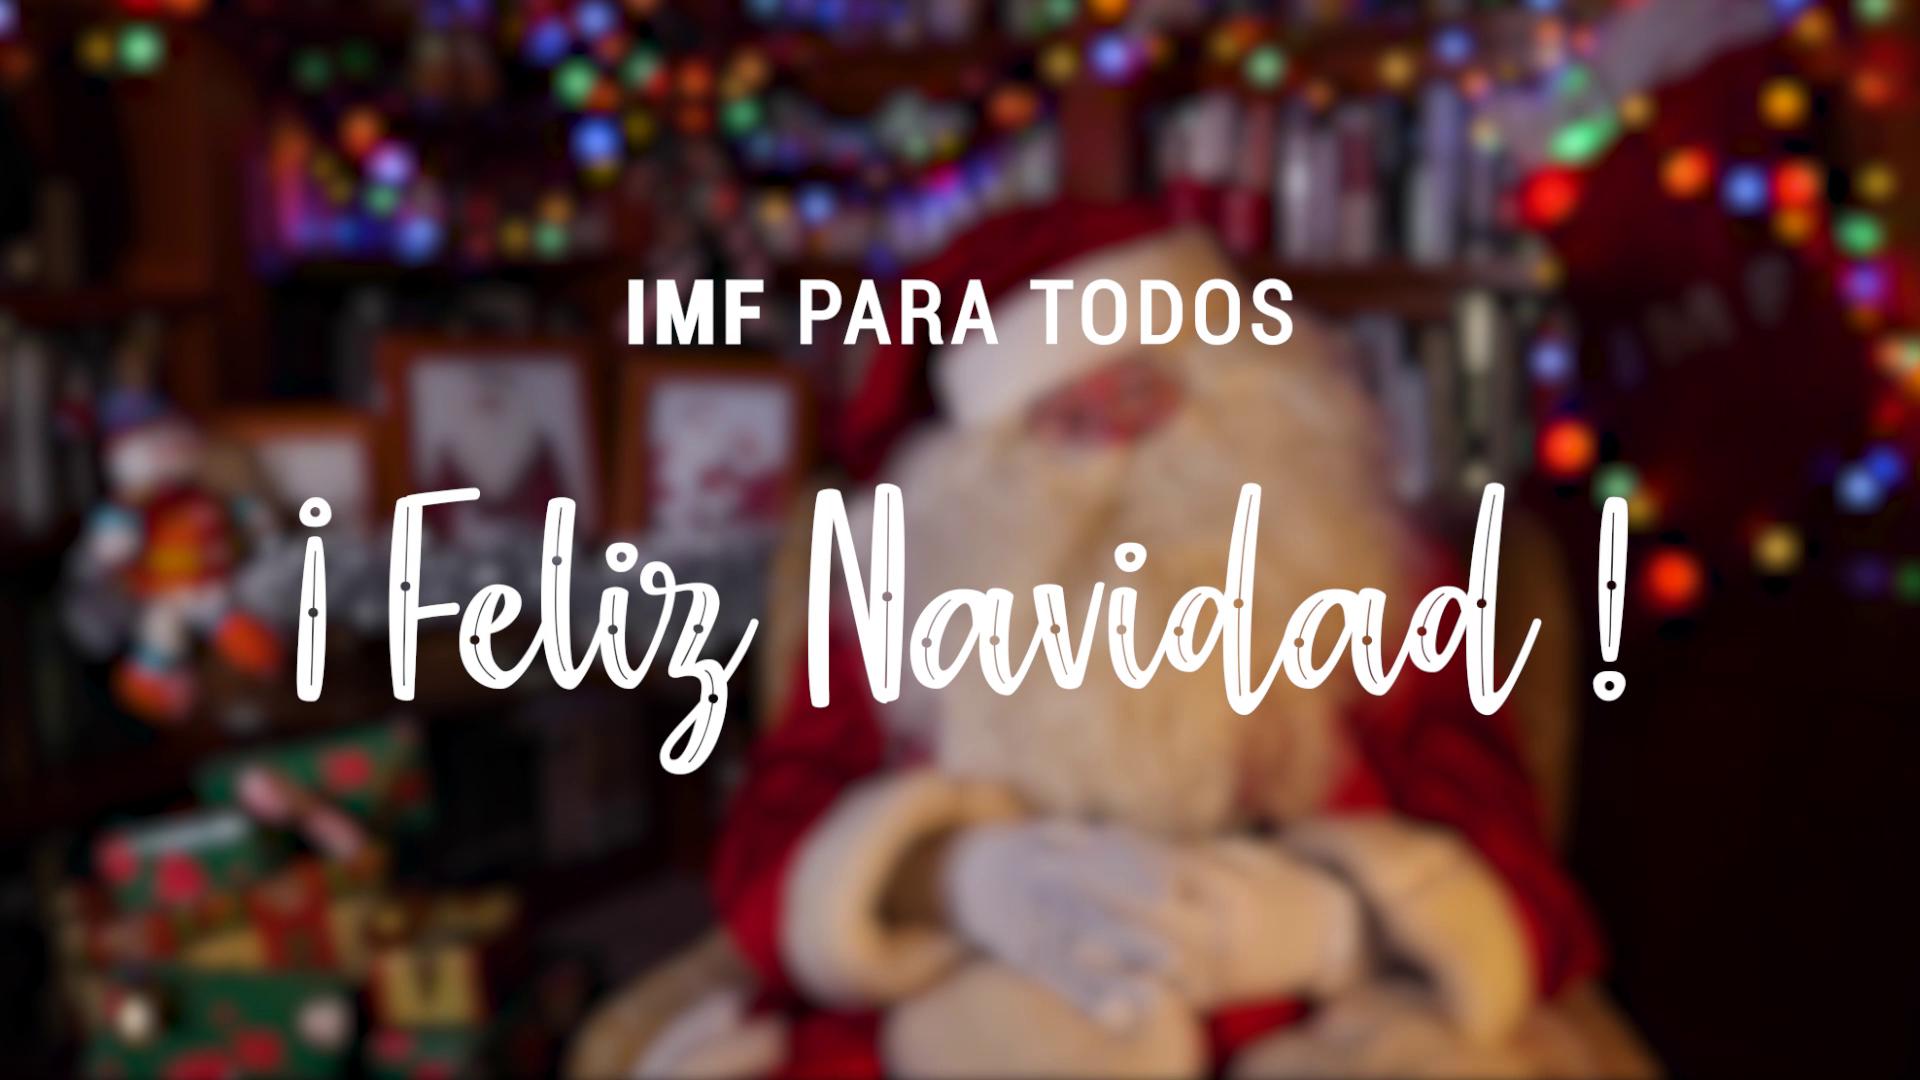 IMF para todos. Feliz Navidad y Año 2018